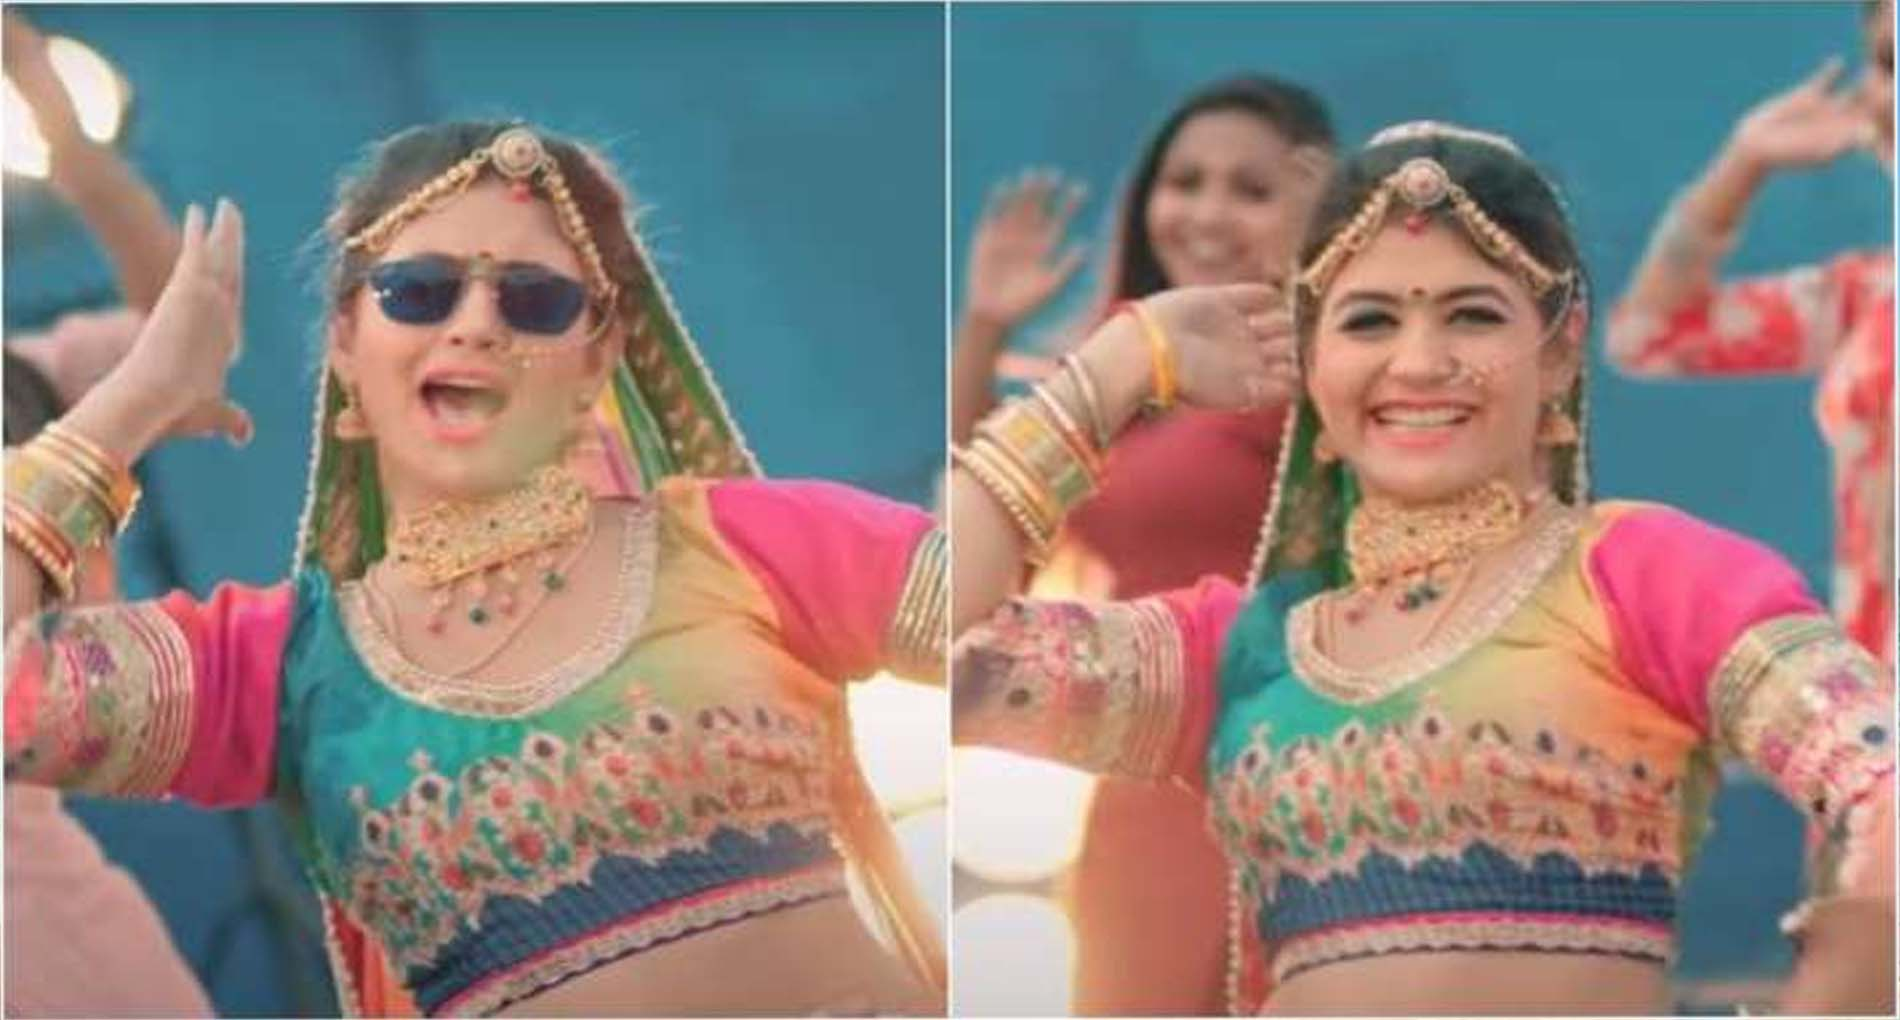 New Haryanvi Song: गोरी नागोरी के इस नए गाने की धूम! सपना चौधरी को दे रहीं जोरदार टक्कर